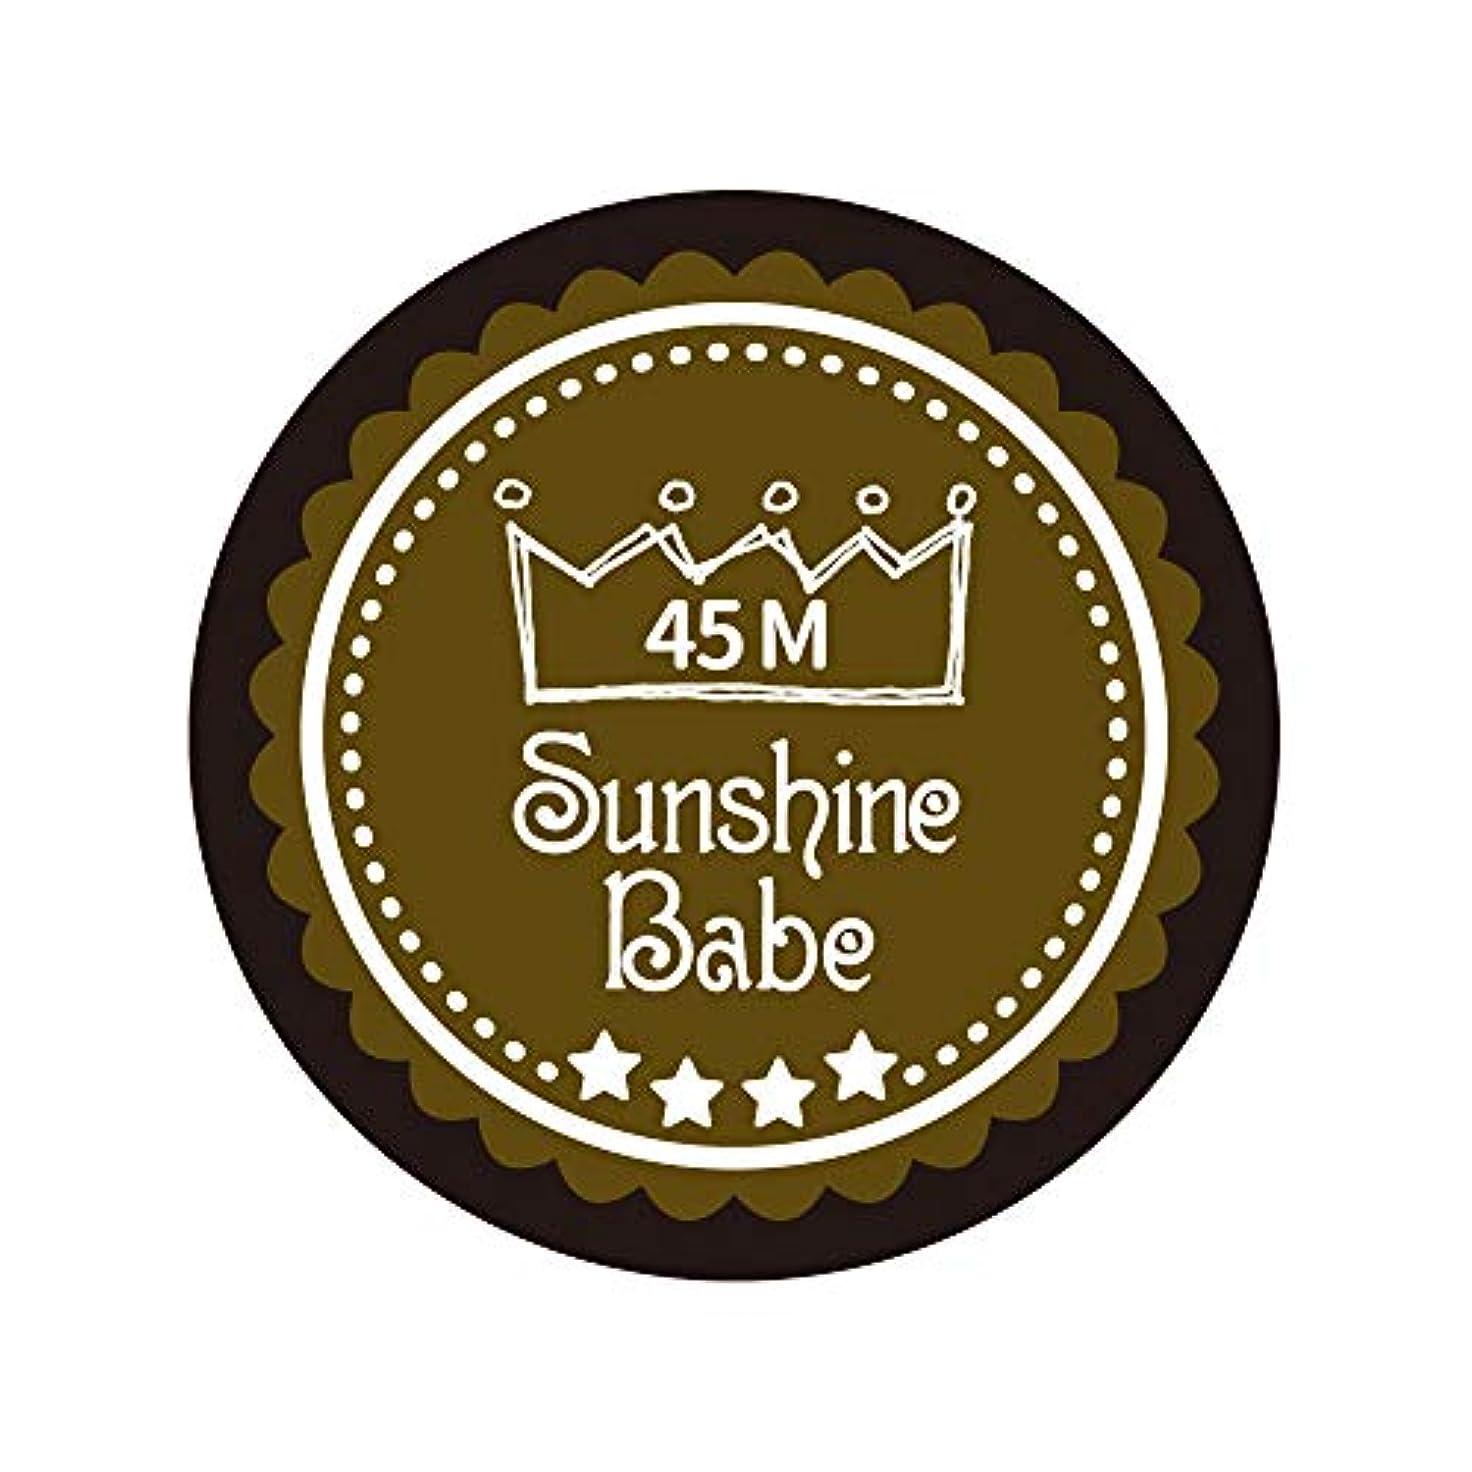 背の高いシェードオーバーフローSunshine Babe カラージェル 45M マティーニオリーブ 2.7g UV/LED対応